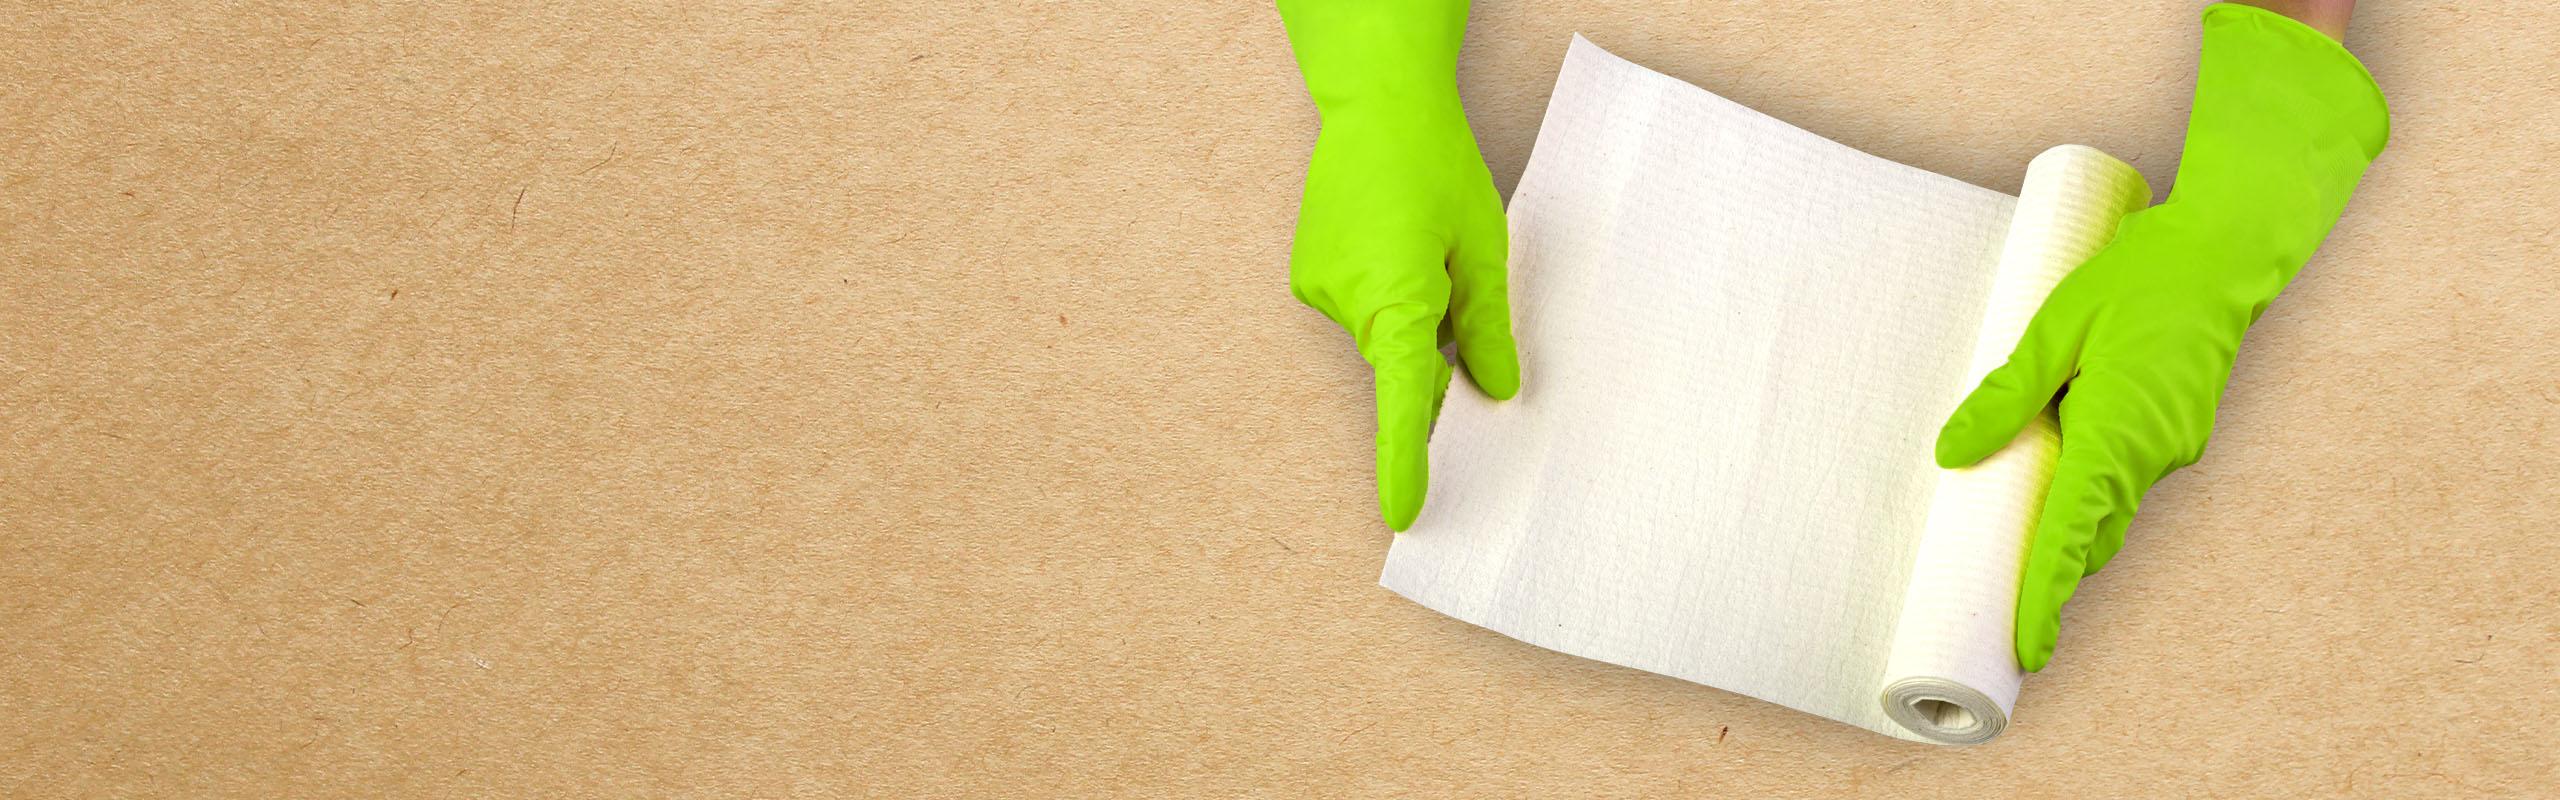 Egy tekercs tisztaság